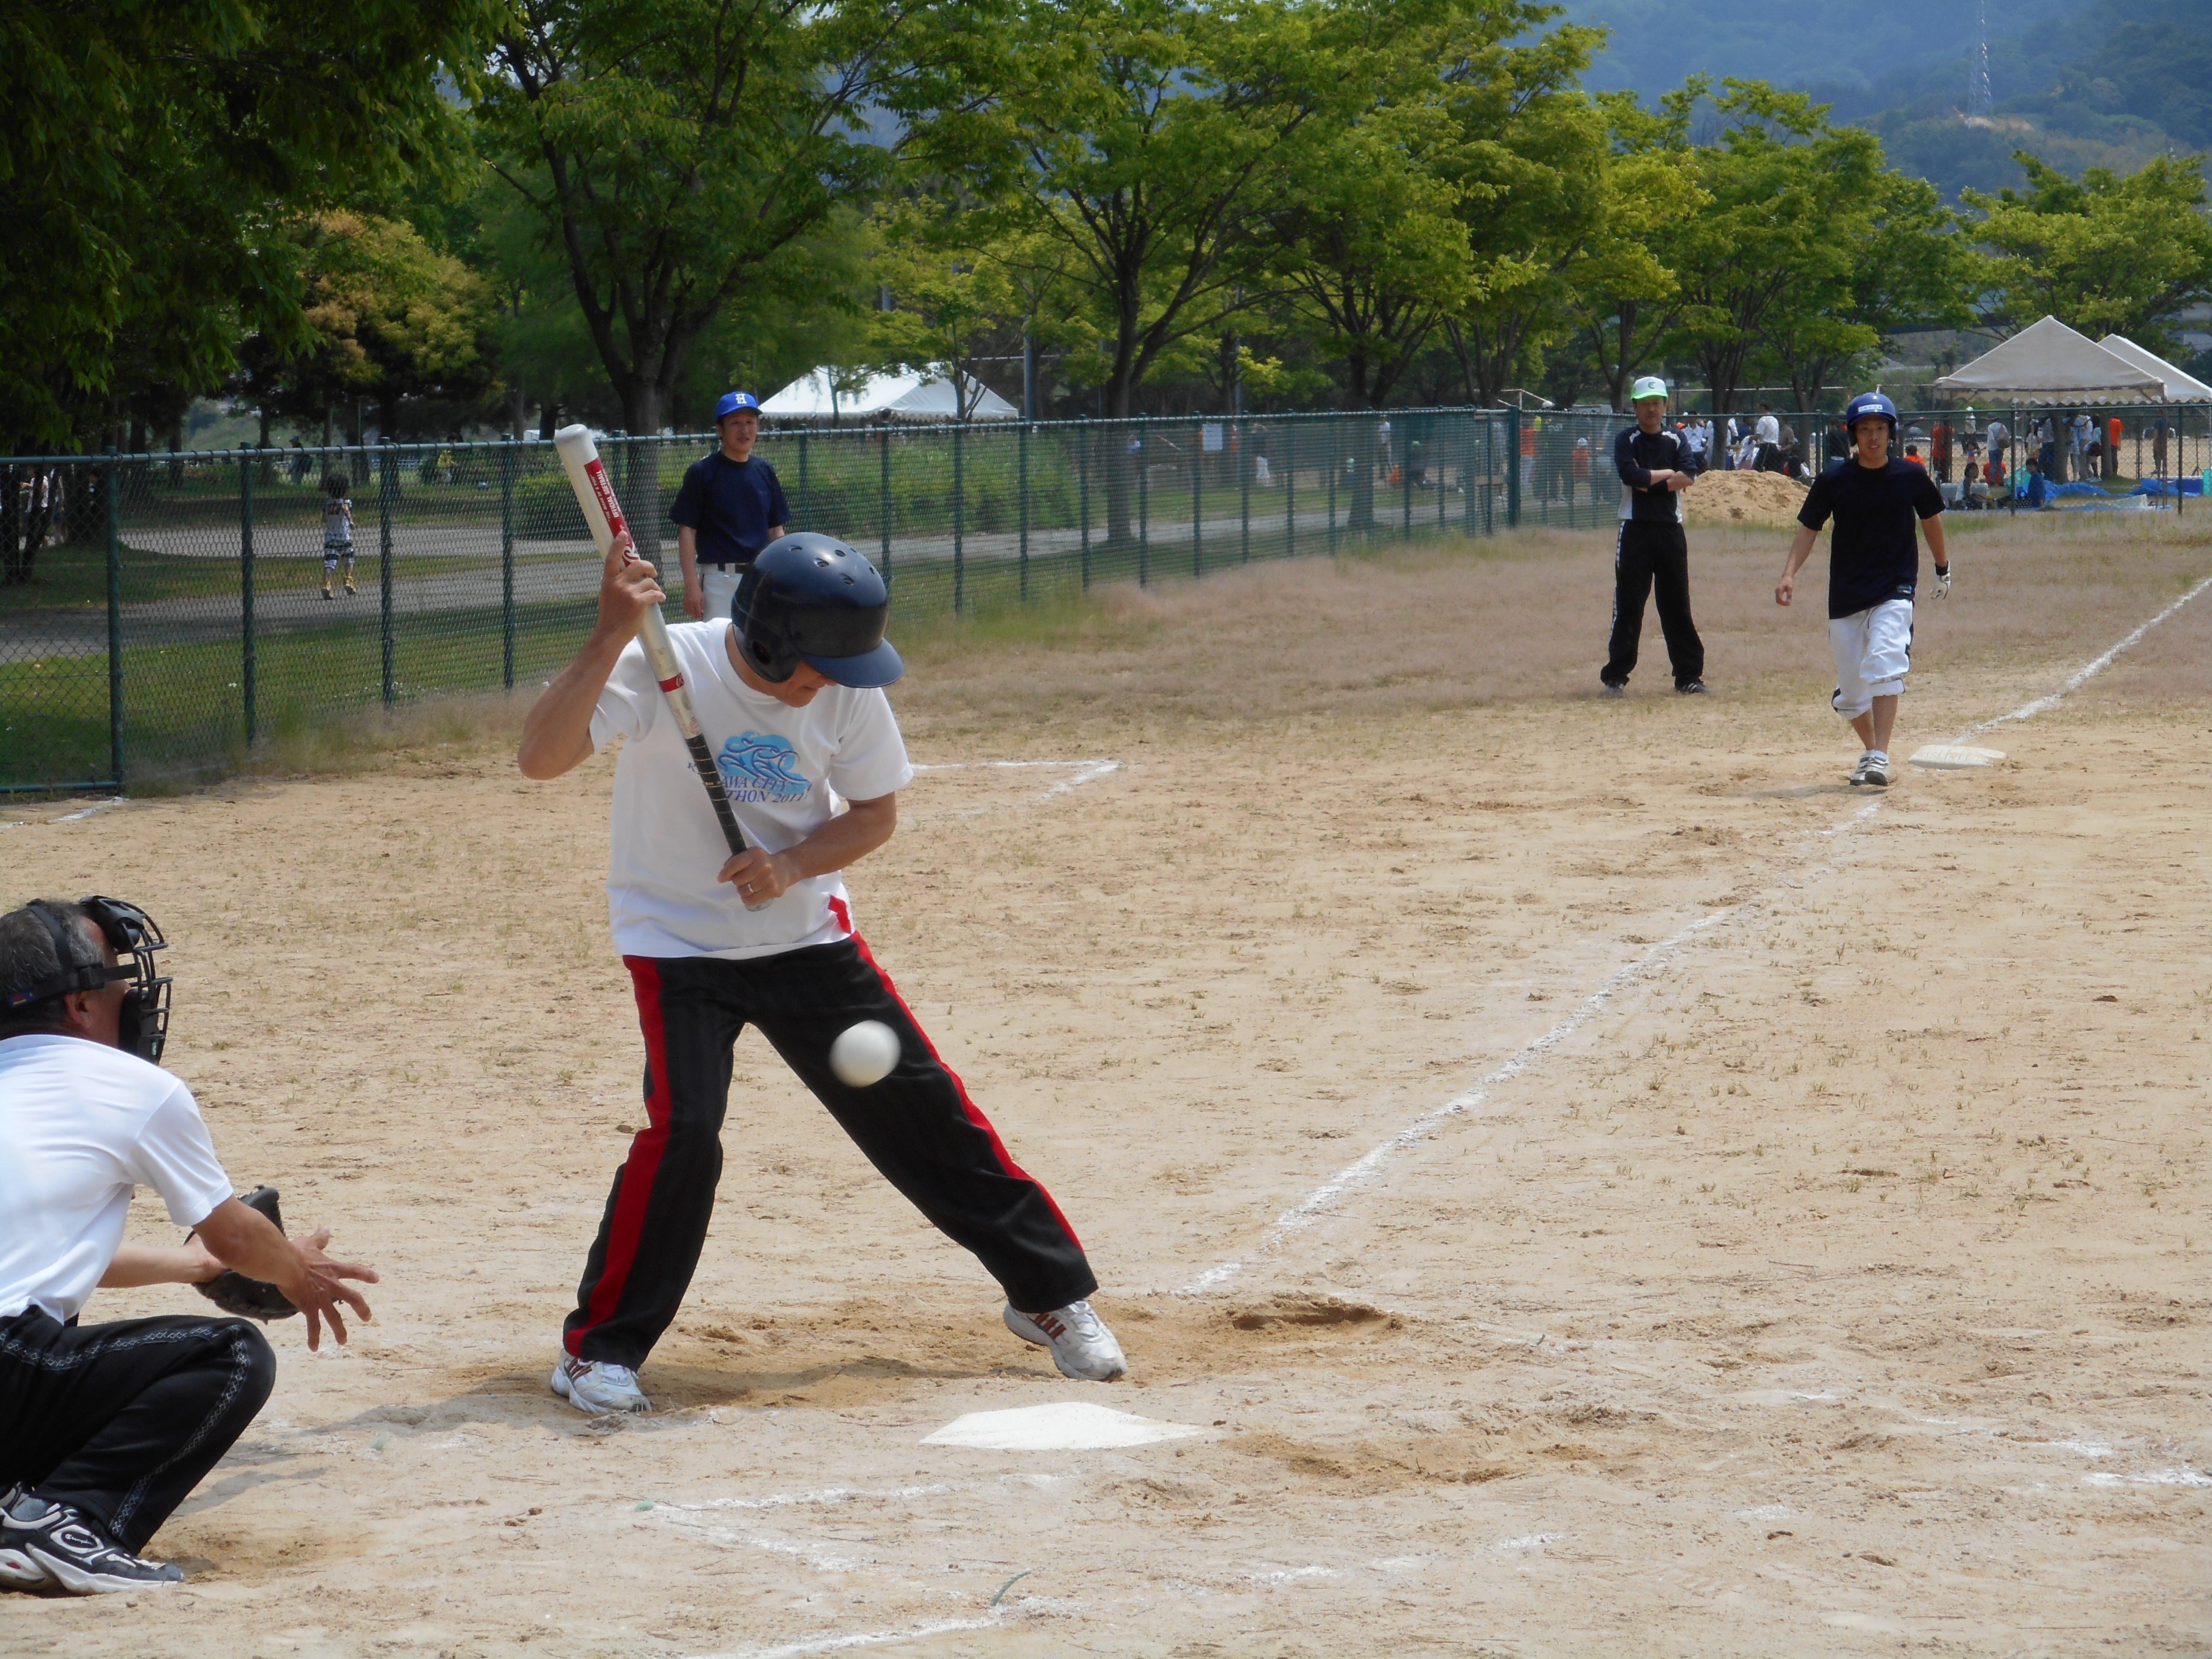 ソフトボール2